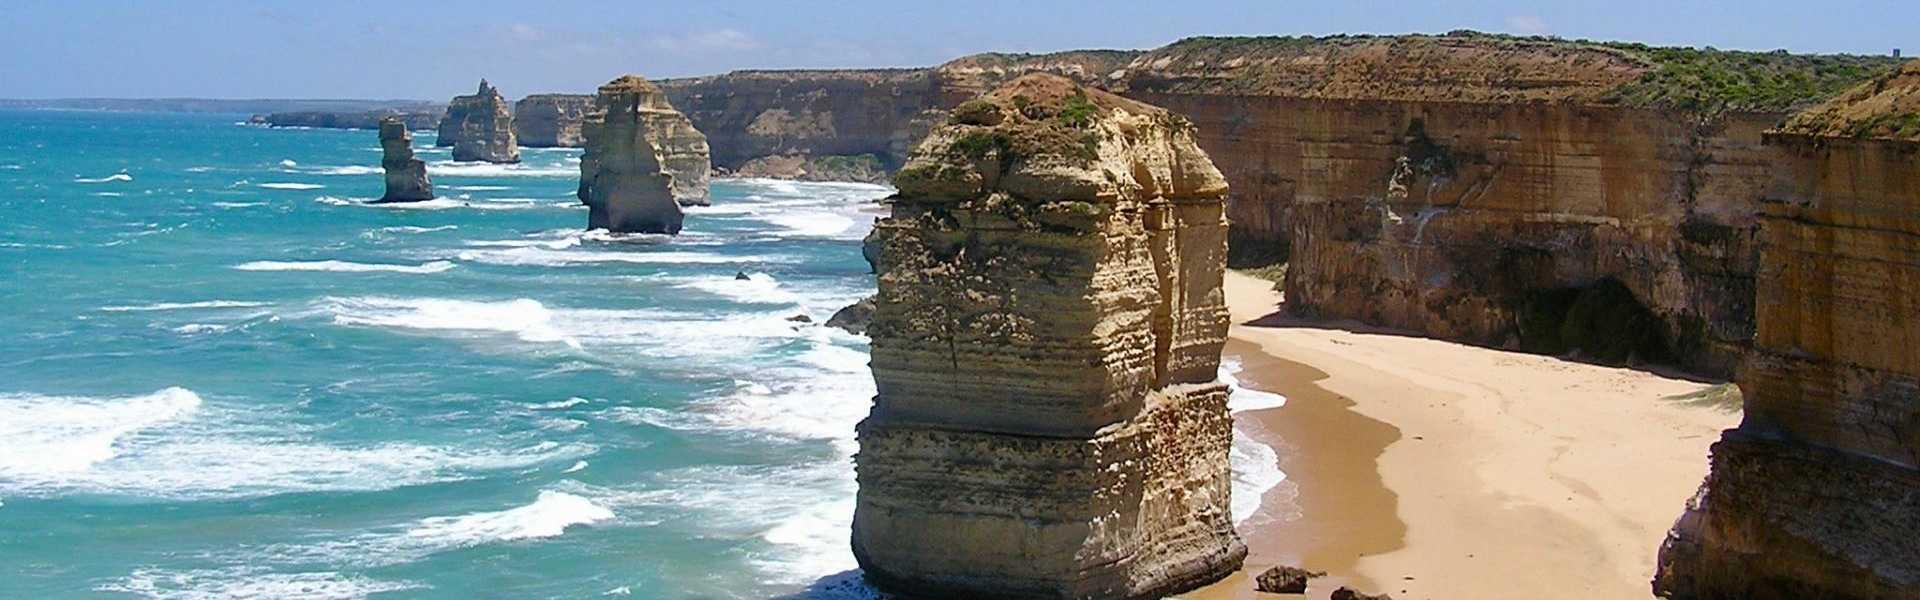 12 Apostles, Great Ocean Road, VIC